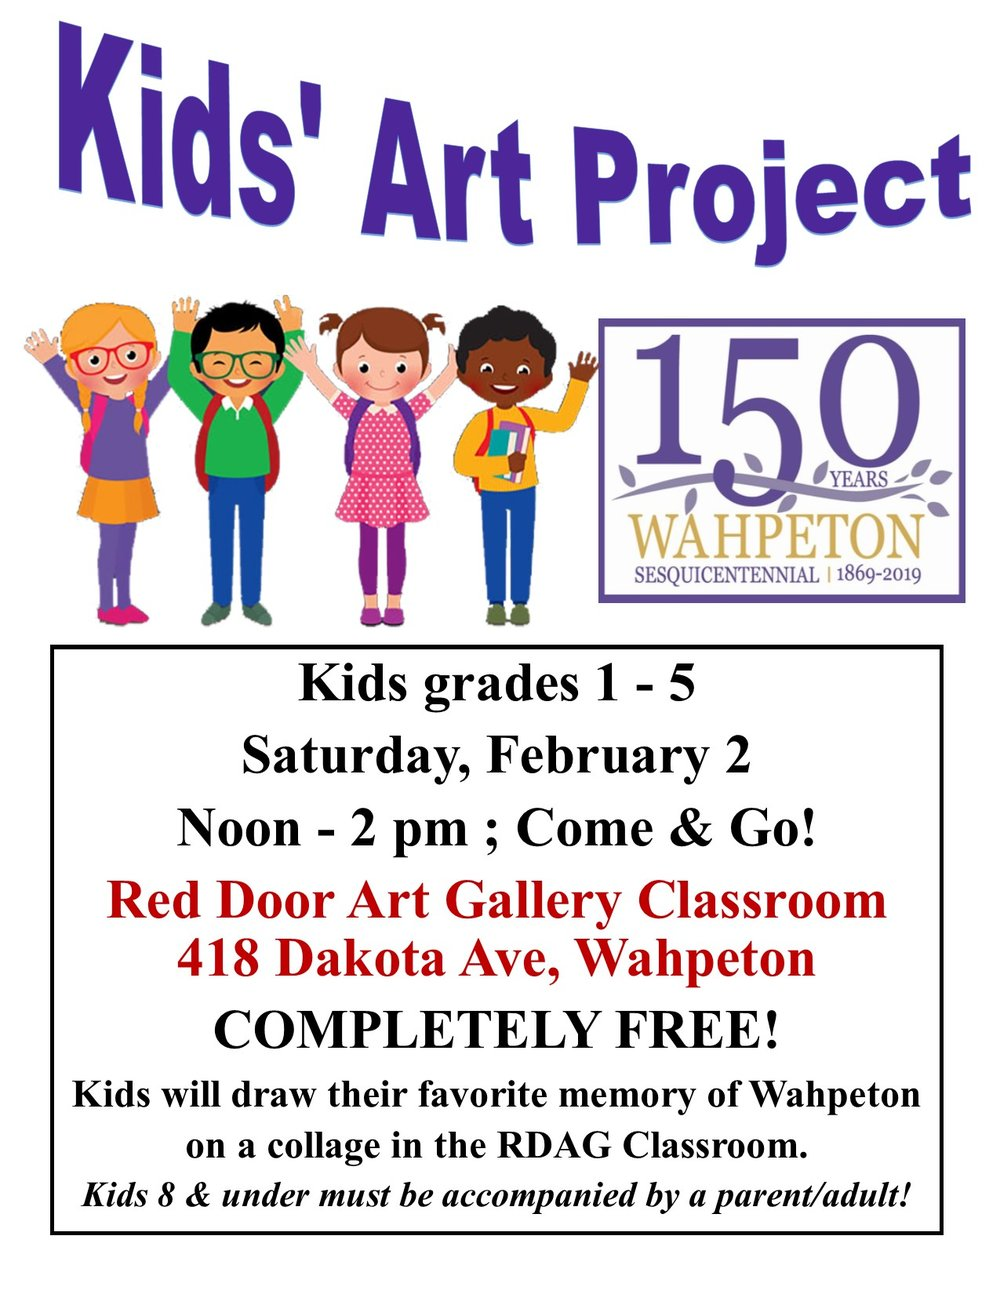 Kid's Art Project flyer.jpg